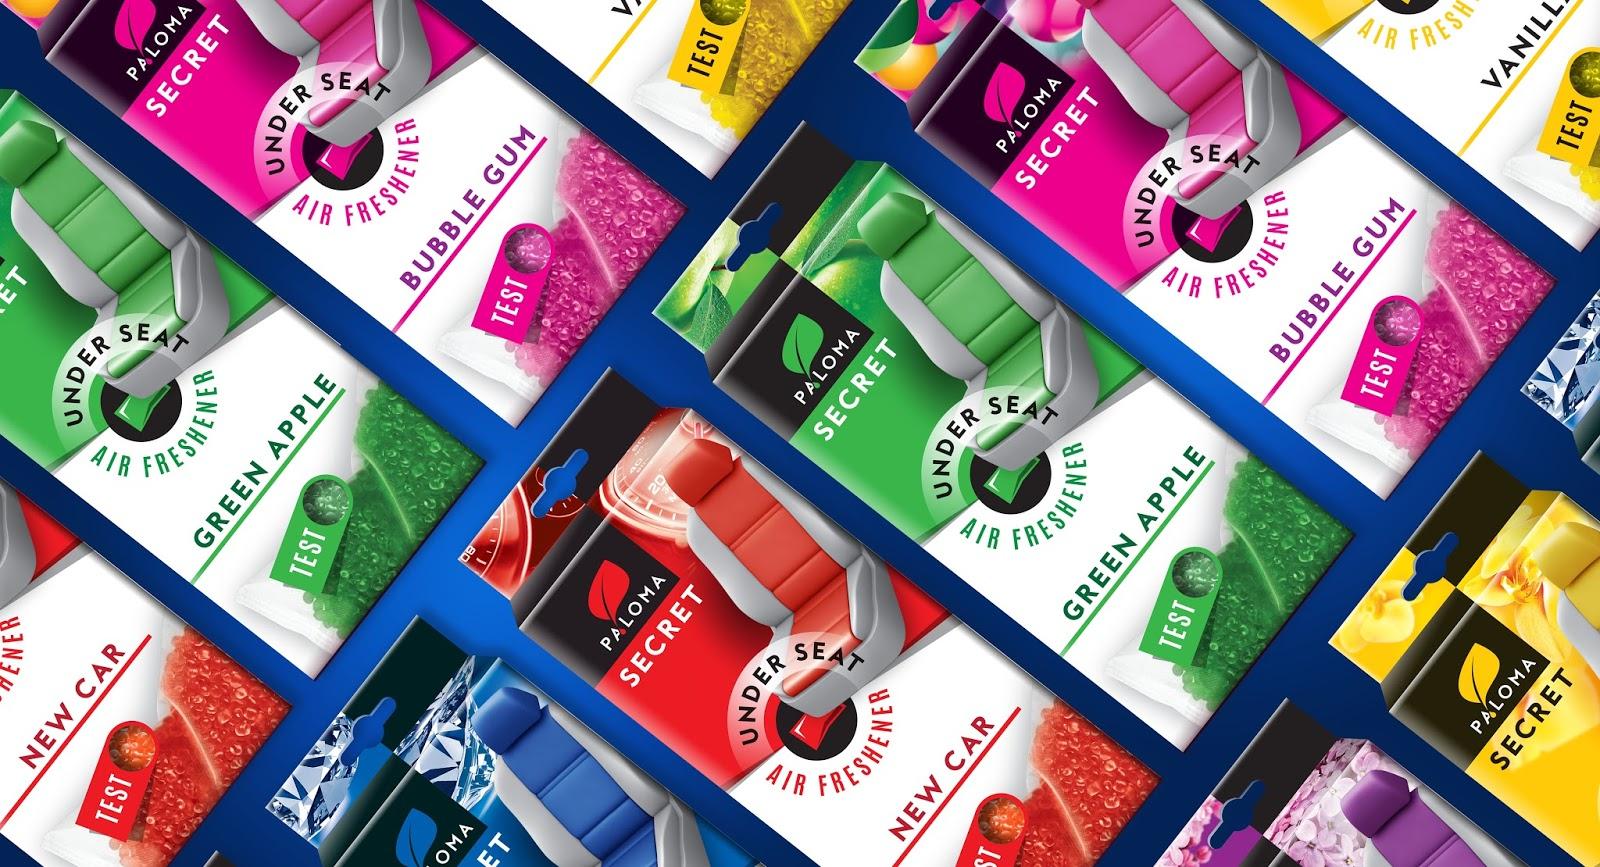 Secret Car Air Freshener On Packaging Of The World